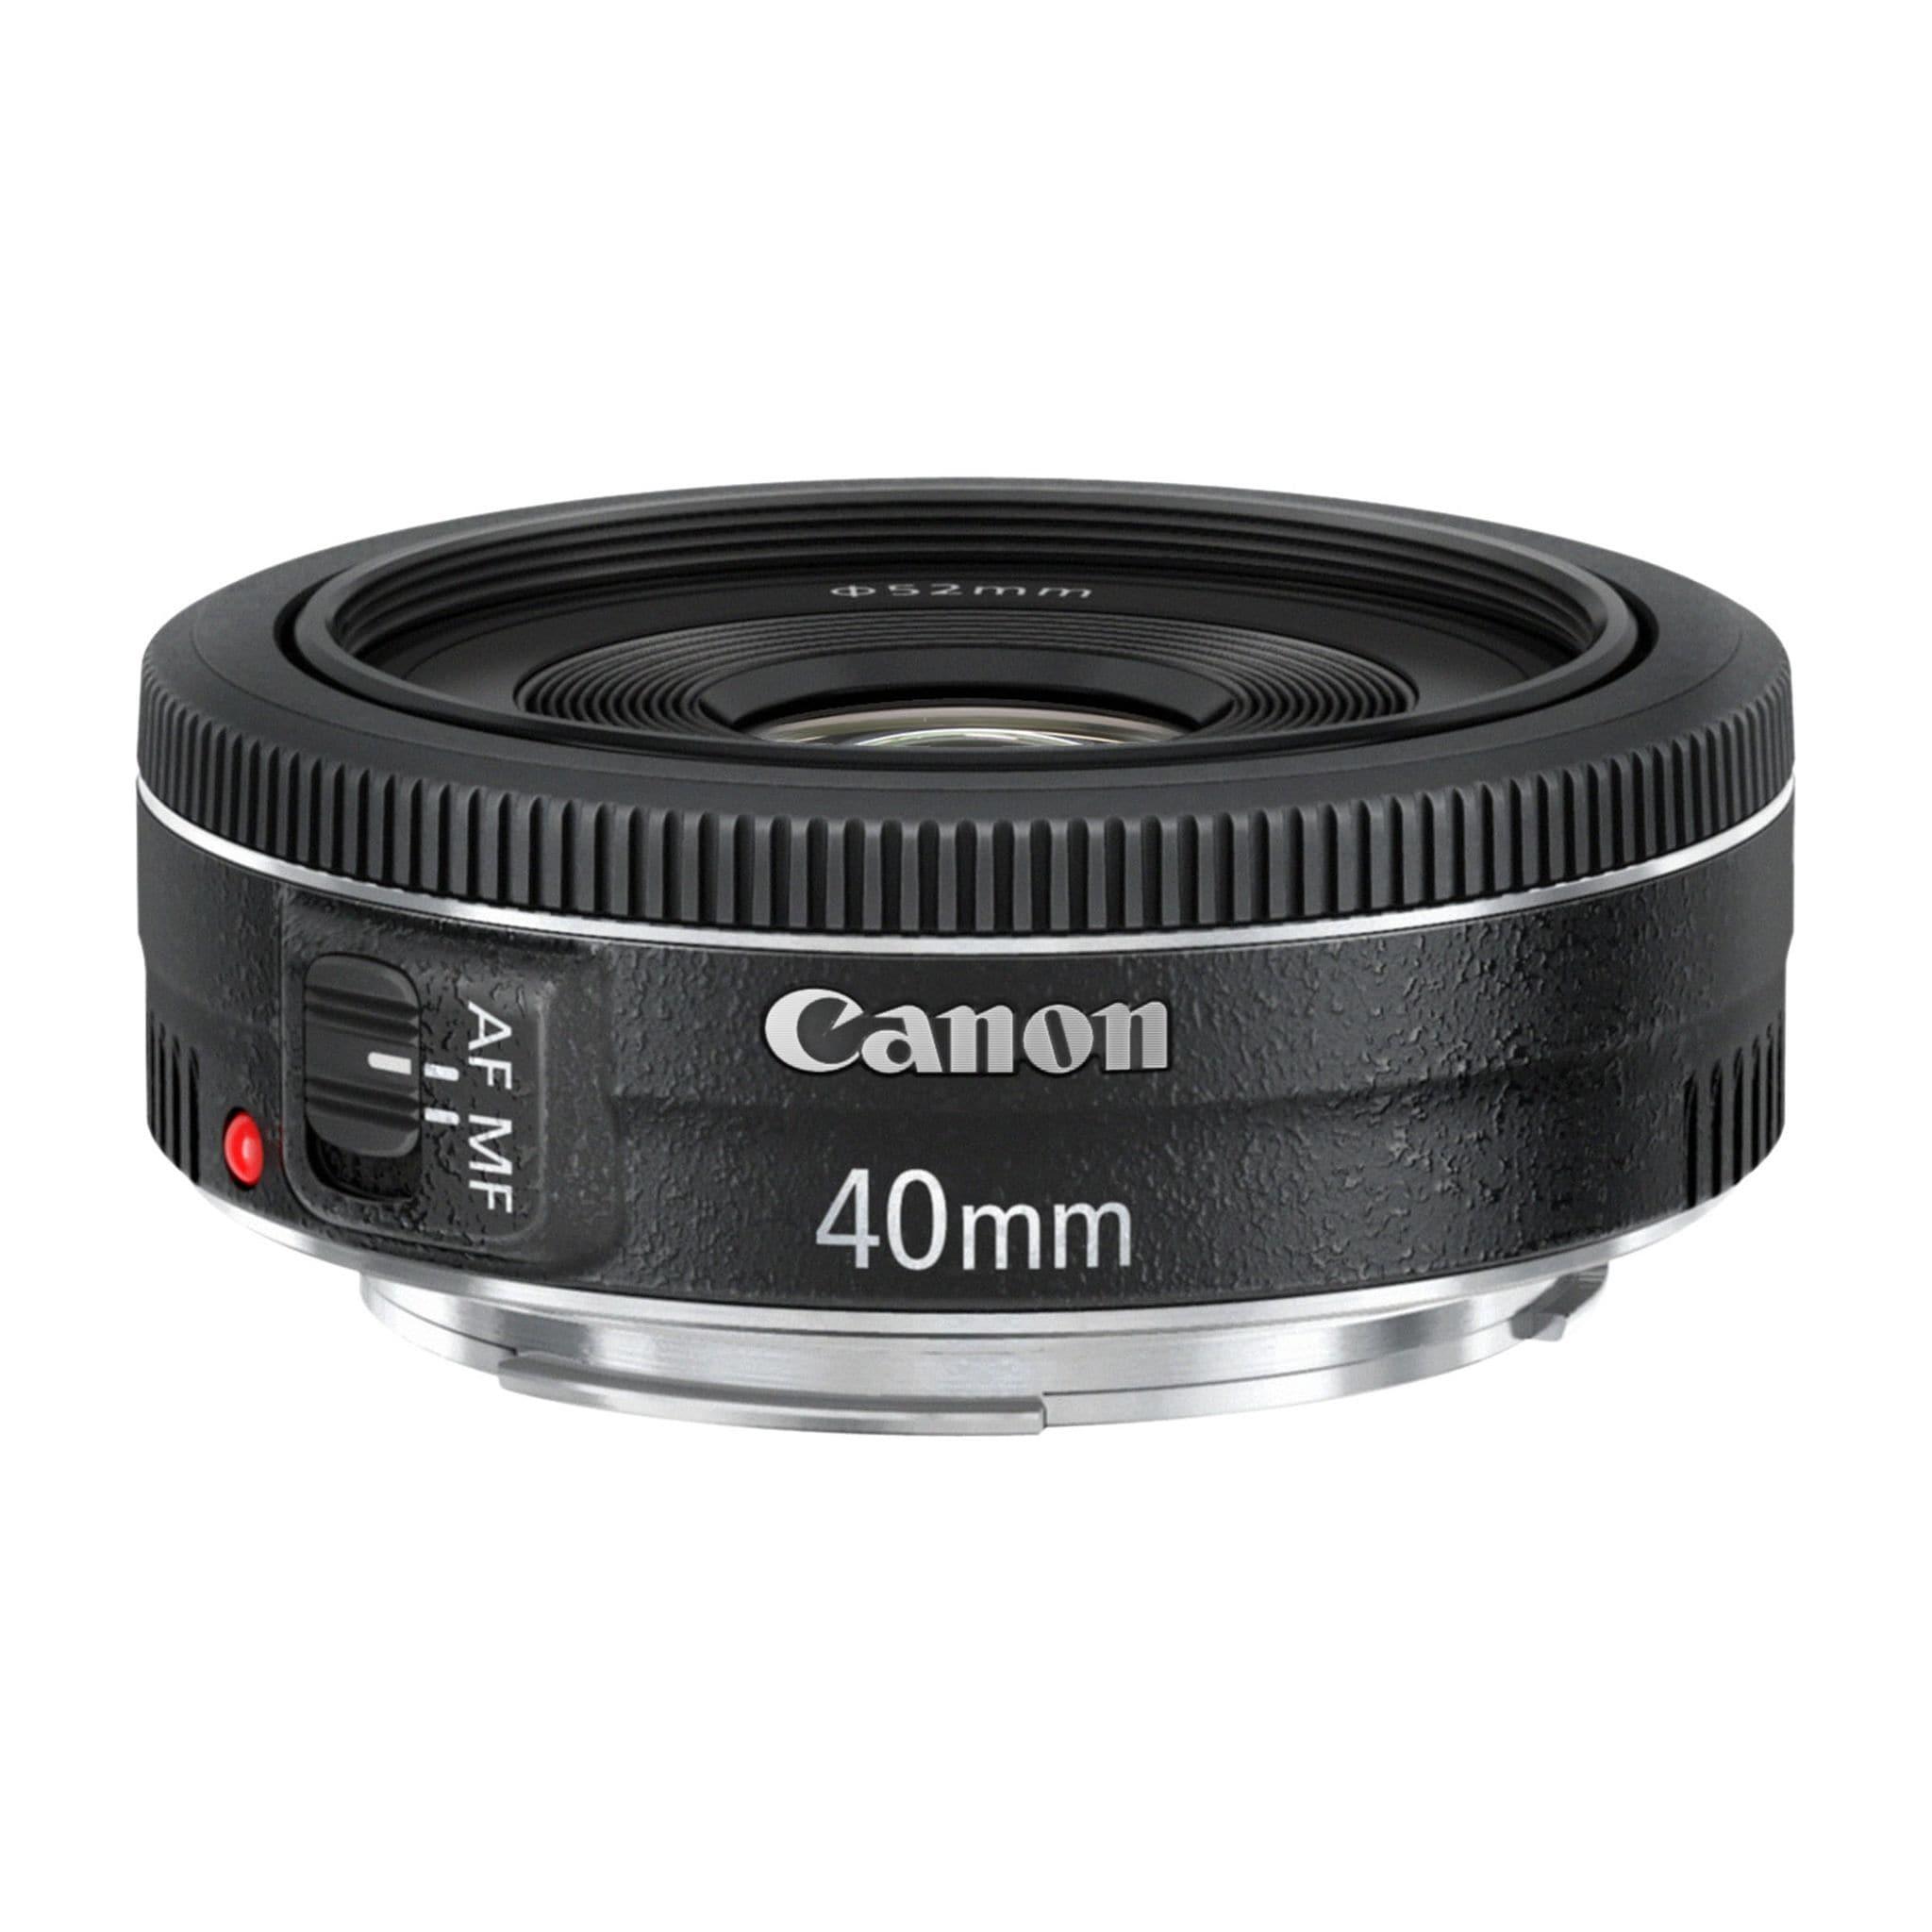 Canon EF 40mm f/2,8 - DEMO EX